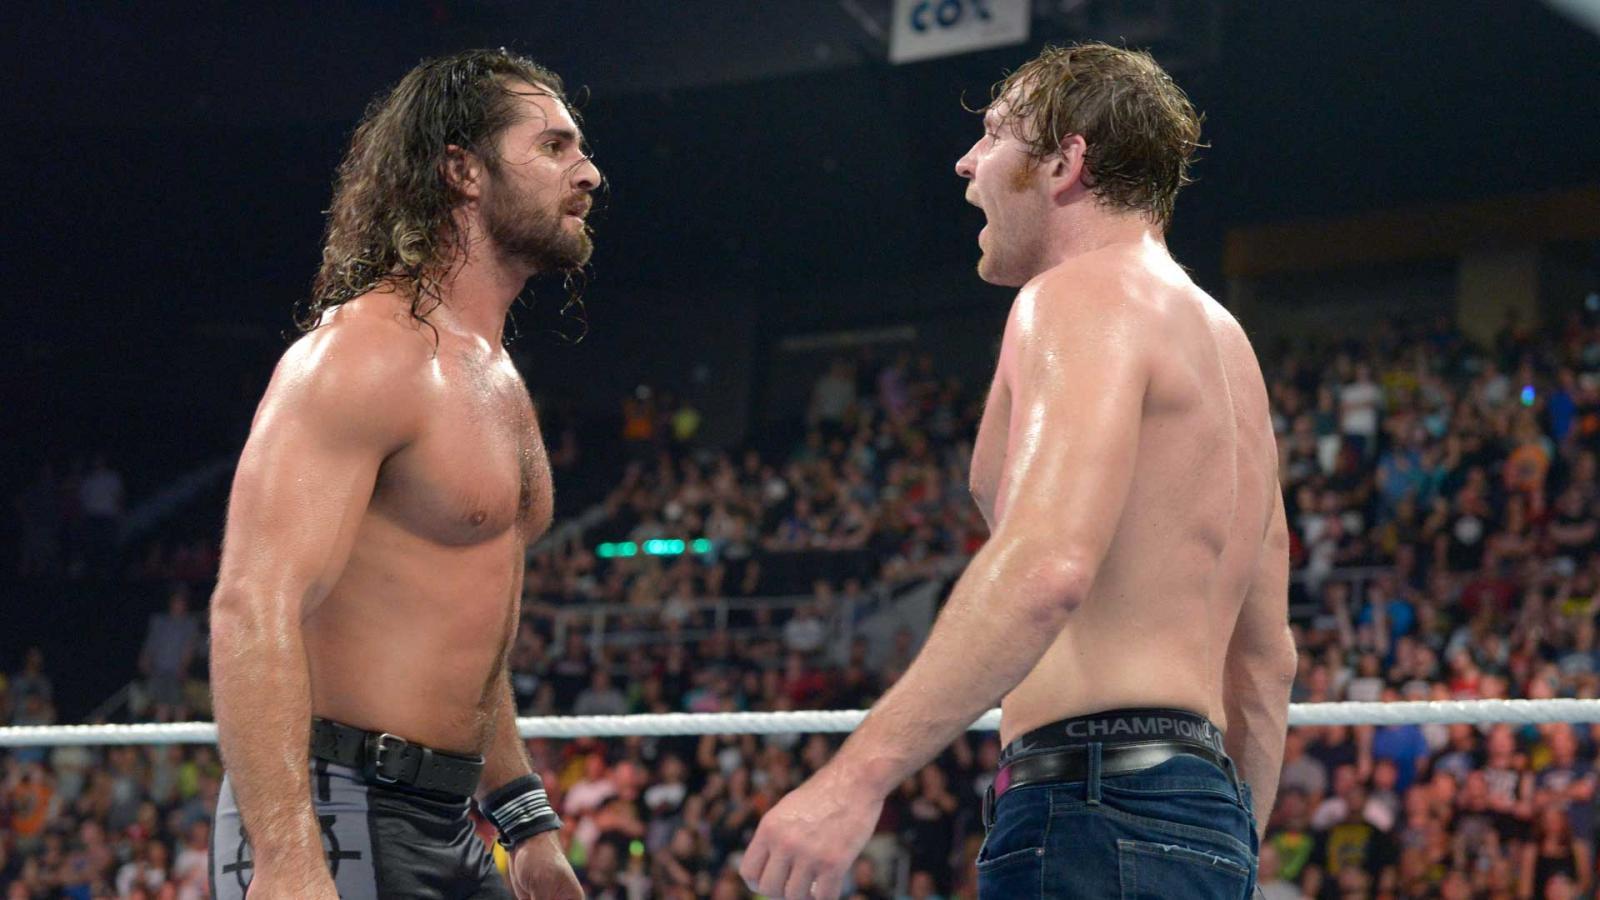 wwe न्यूज़ : रॉयल रंबल मैच के लिए इस बड़े रेसलर ने की अपने नाम की घोषणा 12